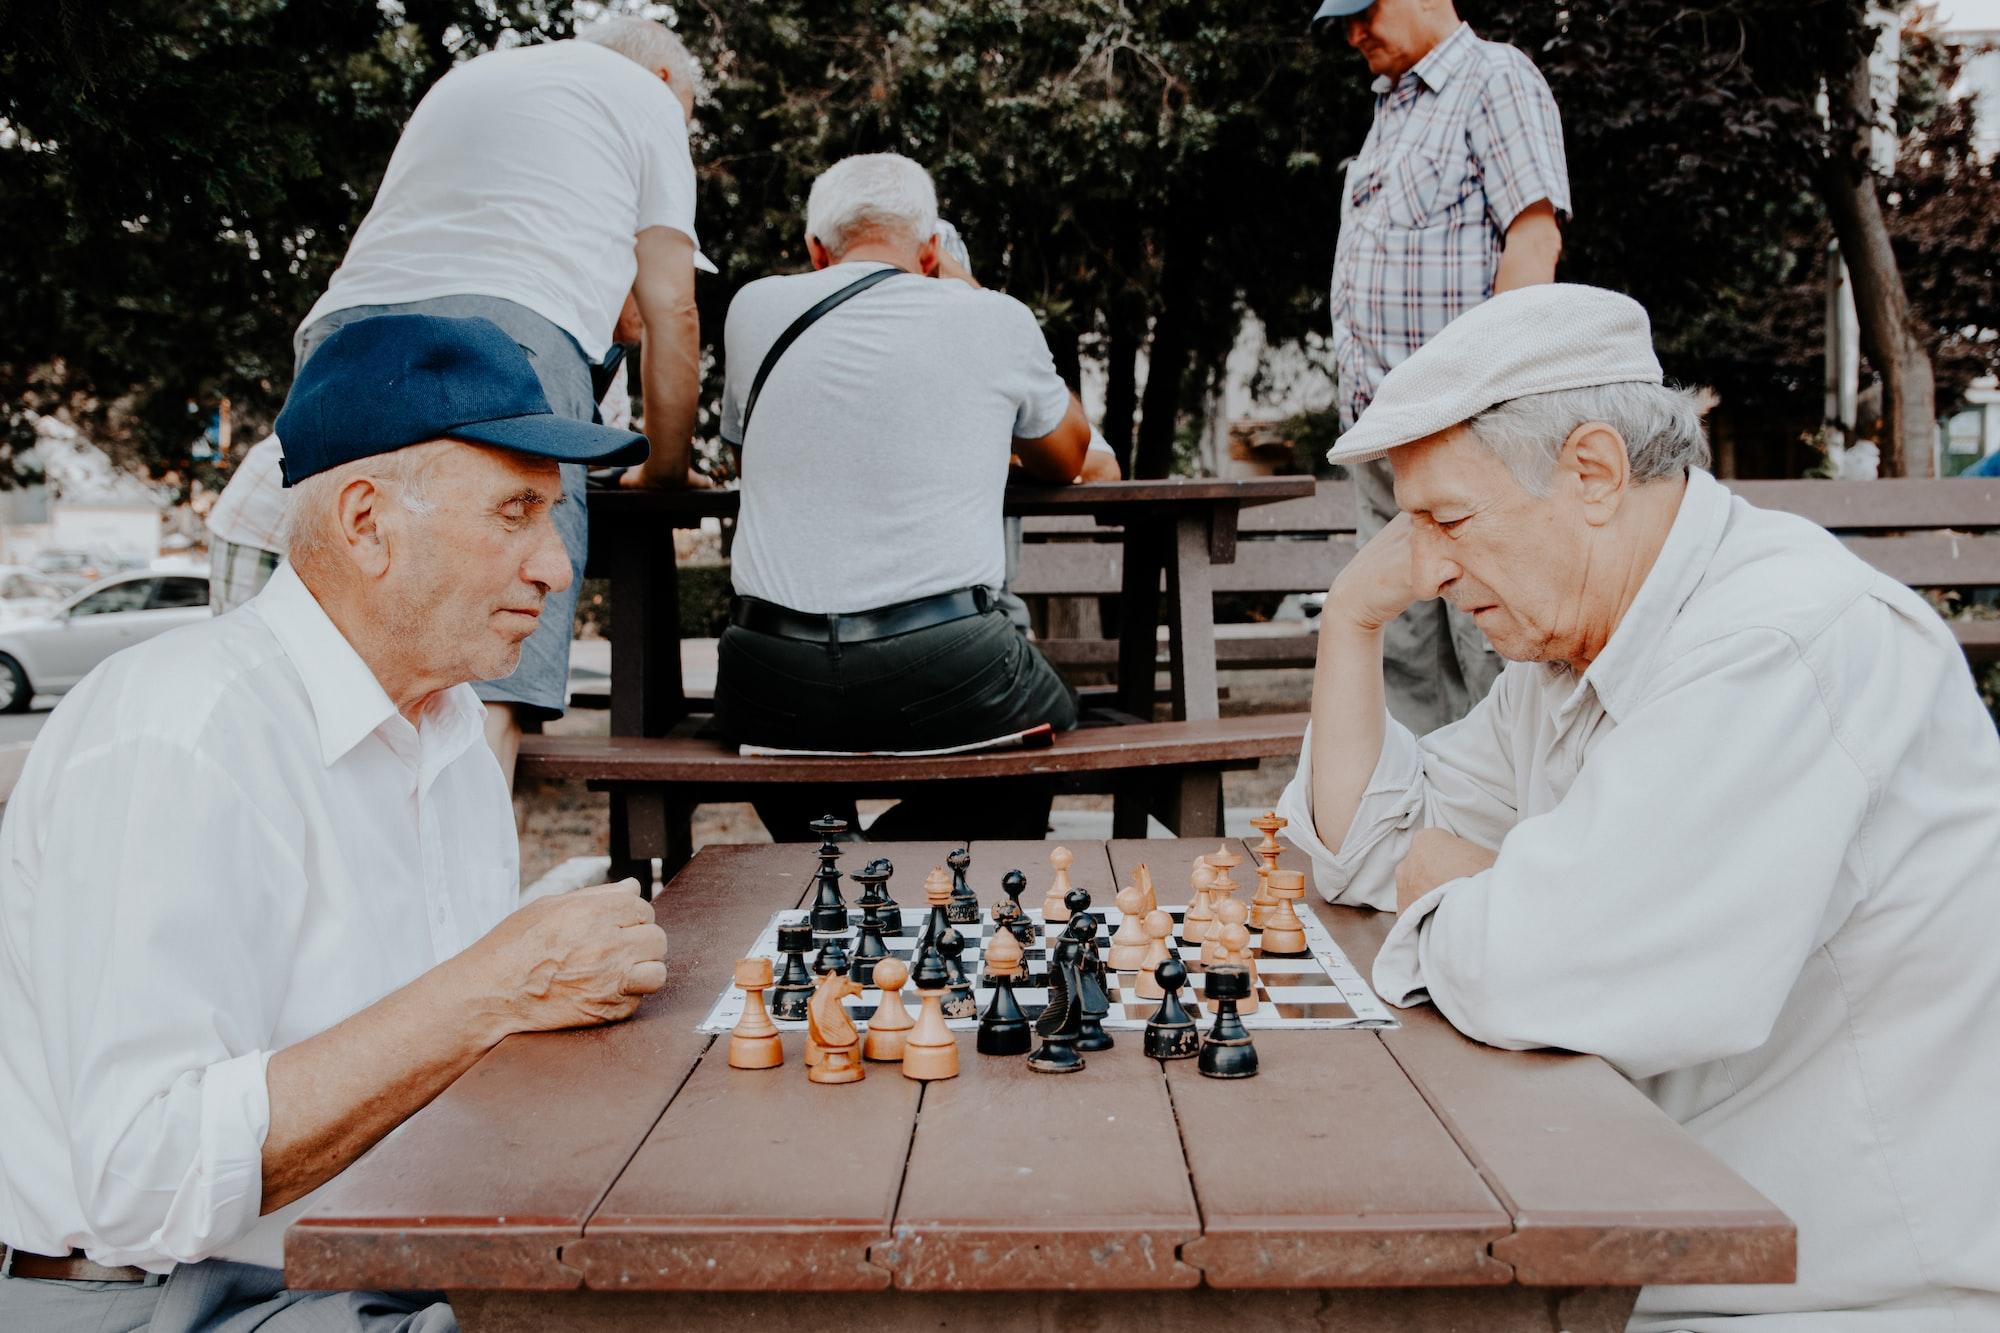 Фотографии пожилых игроков